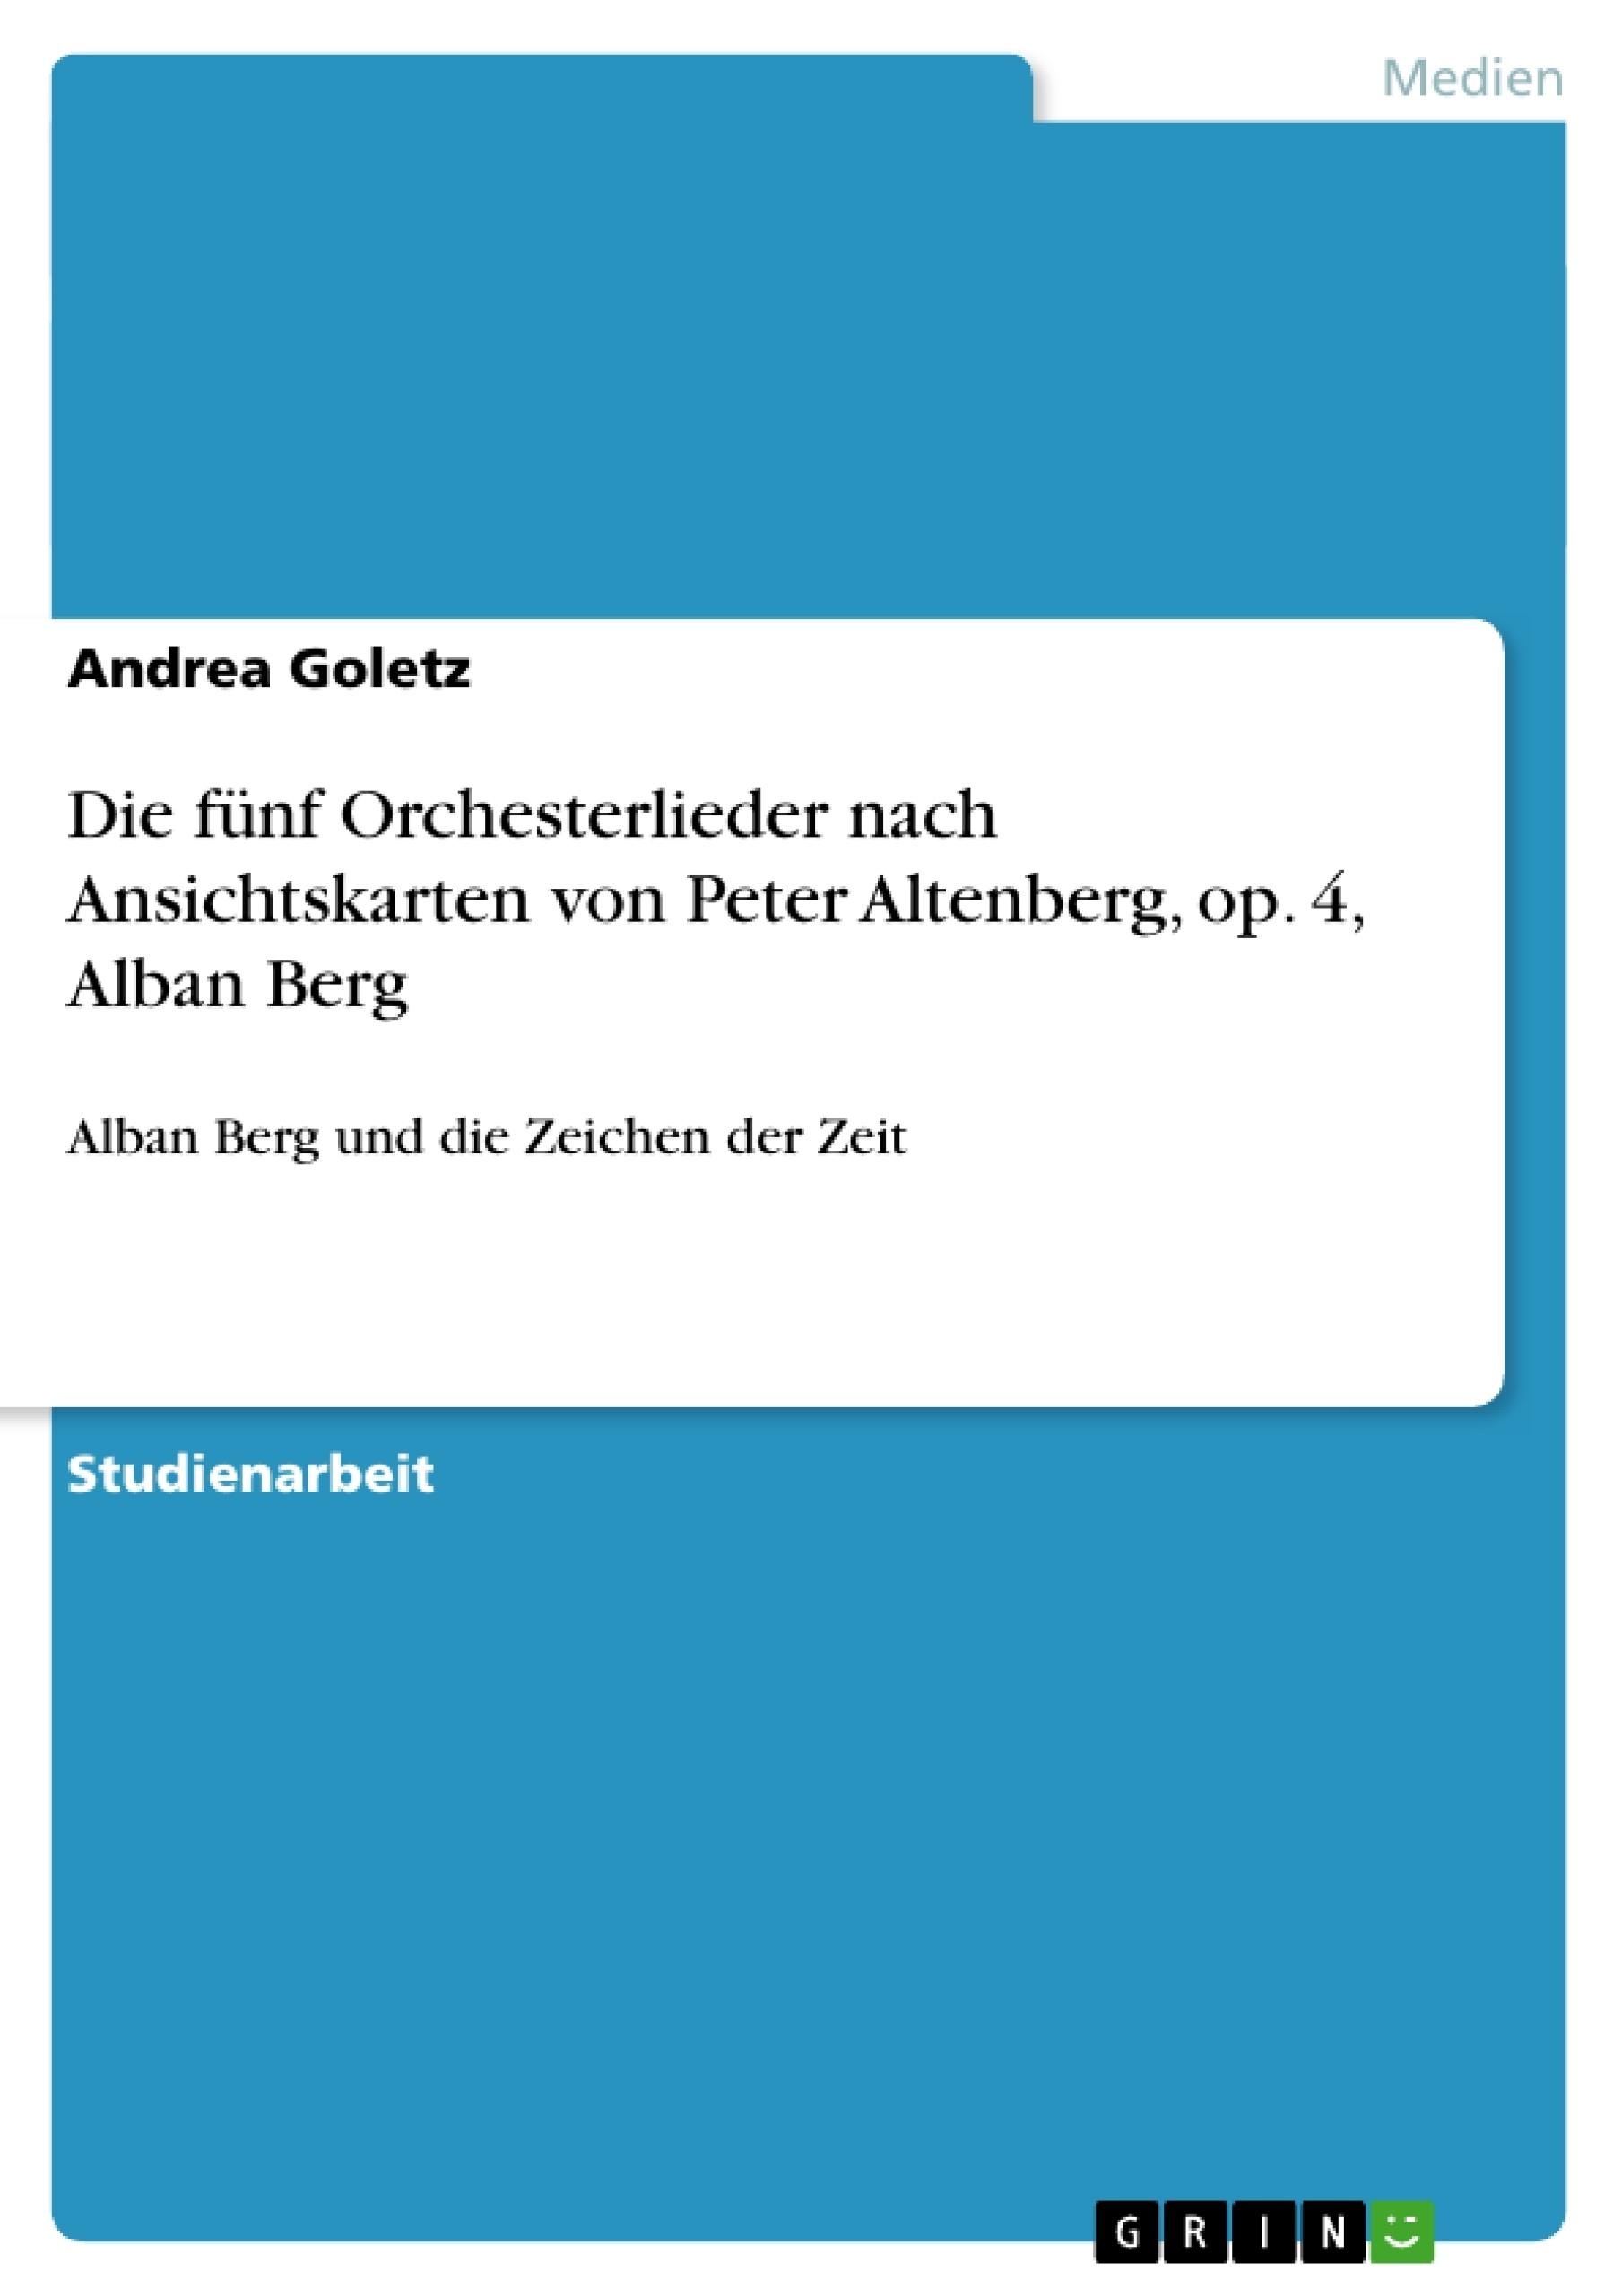 Titel: Die fünf Orchesterlieder nach Ansichtskarten von Peter Altenberg, op. 4, Alban Berg